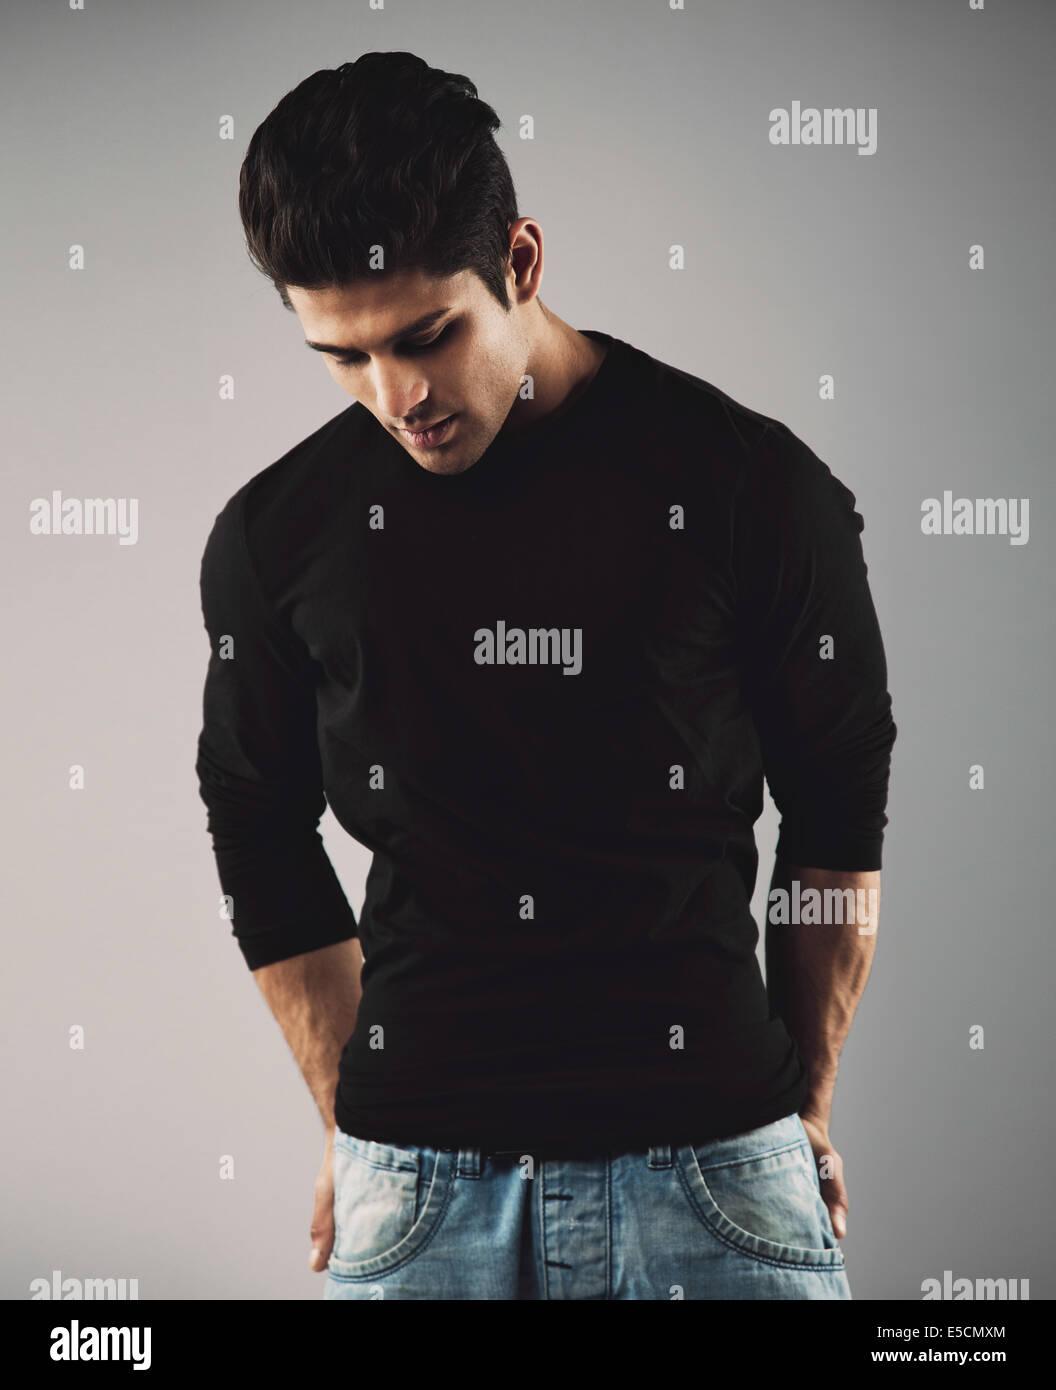 Retrato de Hispanic joven parado sobre fondo gris mirando hacia abajo el pensamiento. Imagen De Stock